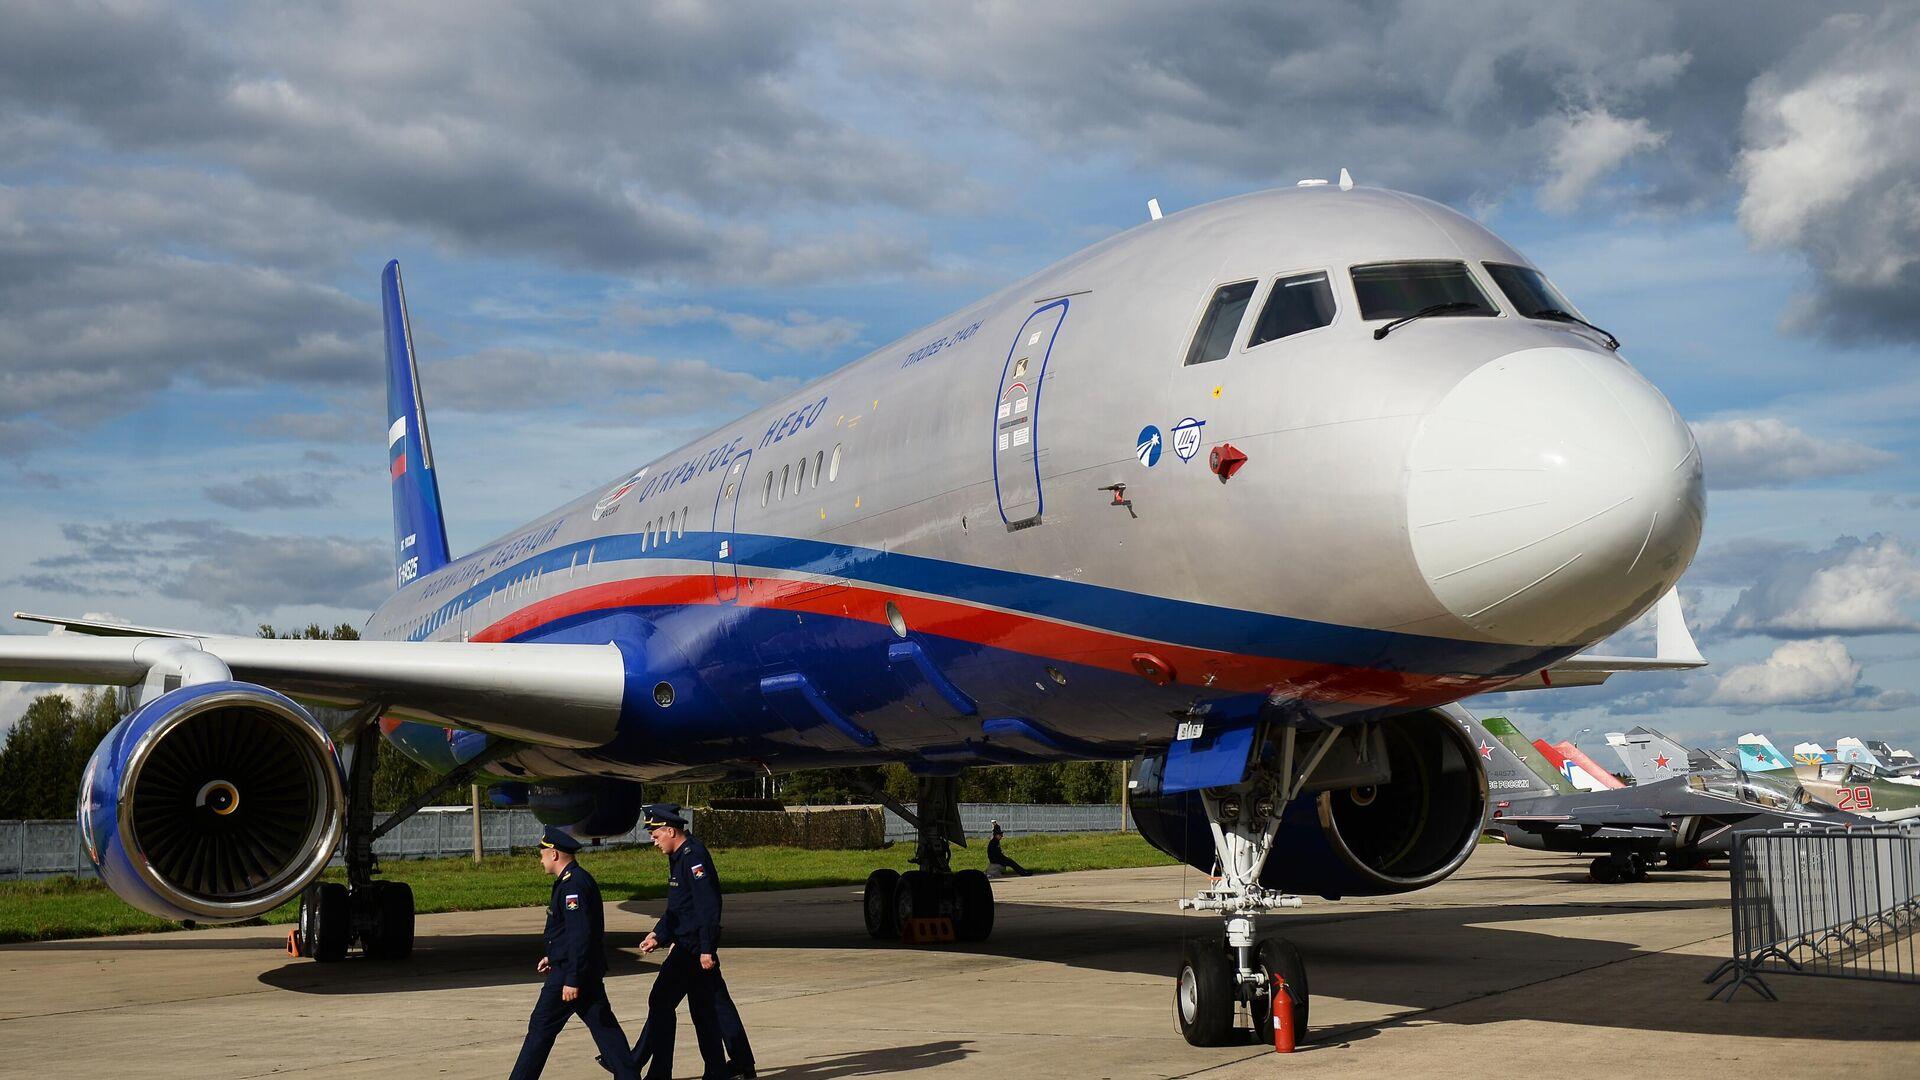 Самолёт авиационного наблюдения Ту-214ОН (Открытое небо) - РИА Новости, 1920, 15.01.2021